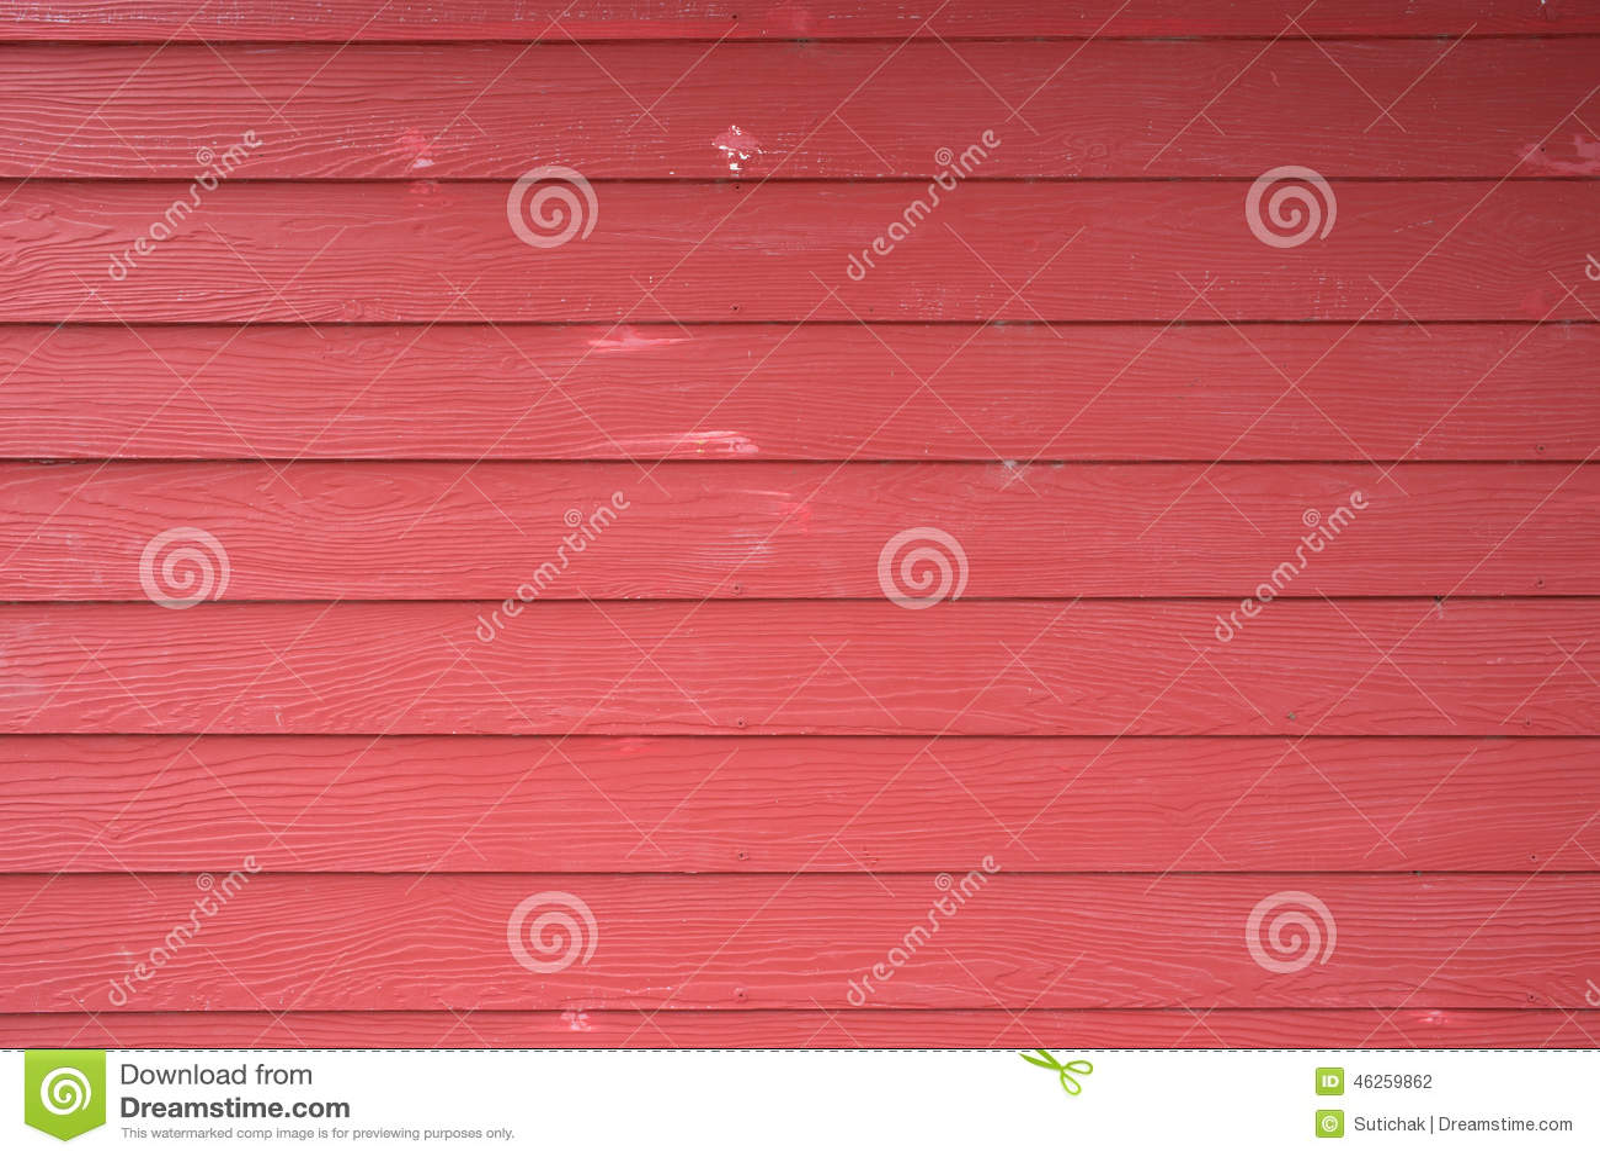 texture en bois rouge de panneau de planche photo stock. Black Bedroom Furniture Sets. Home Design Ideas